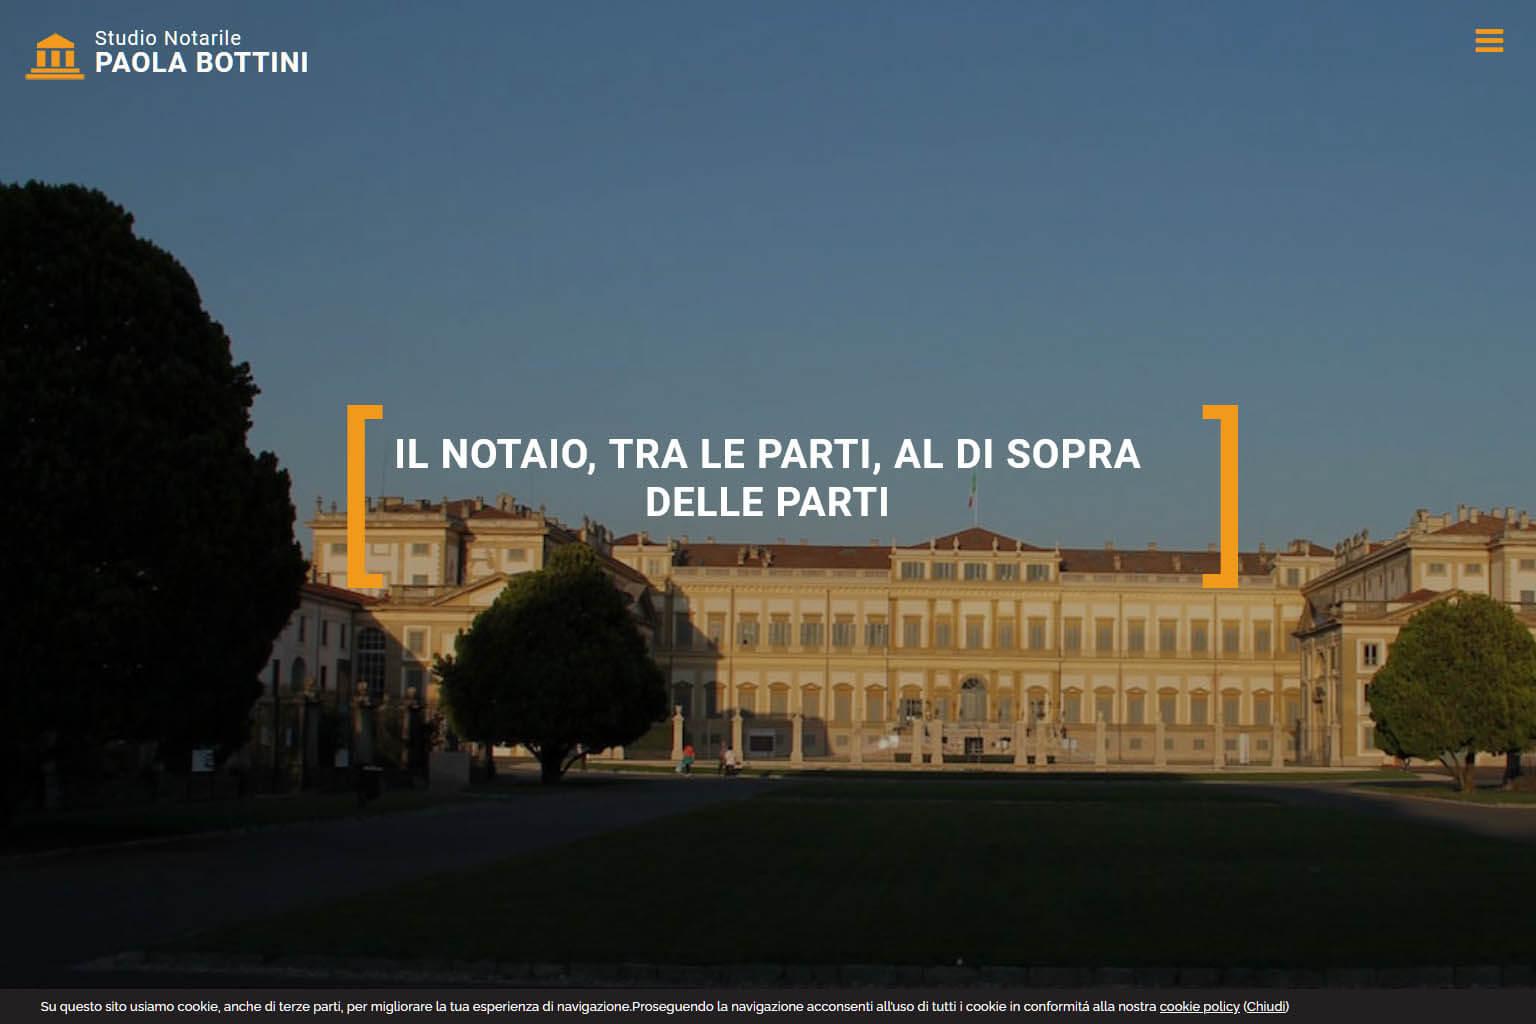 NotaioMyWeb | Notaio Paola Bottini